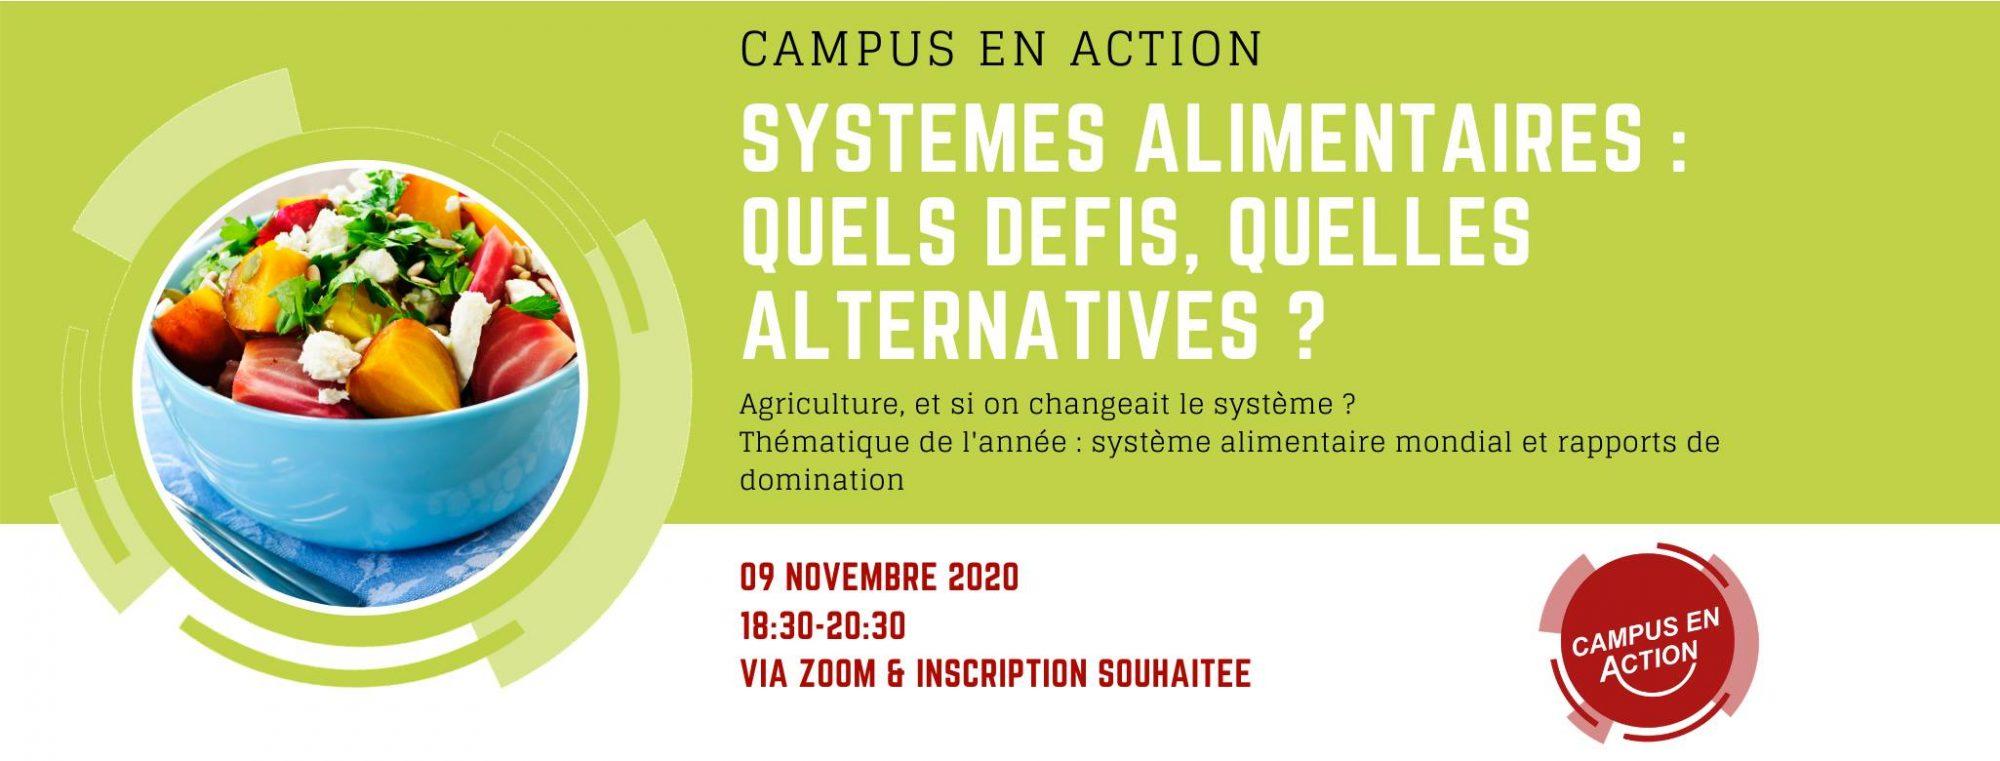 Campus En Action 2020